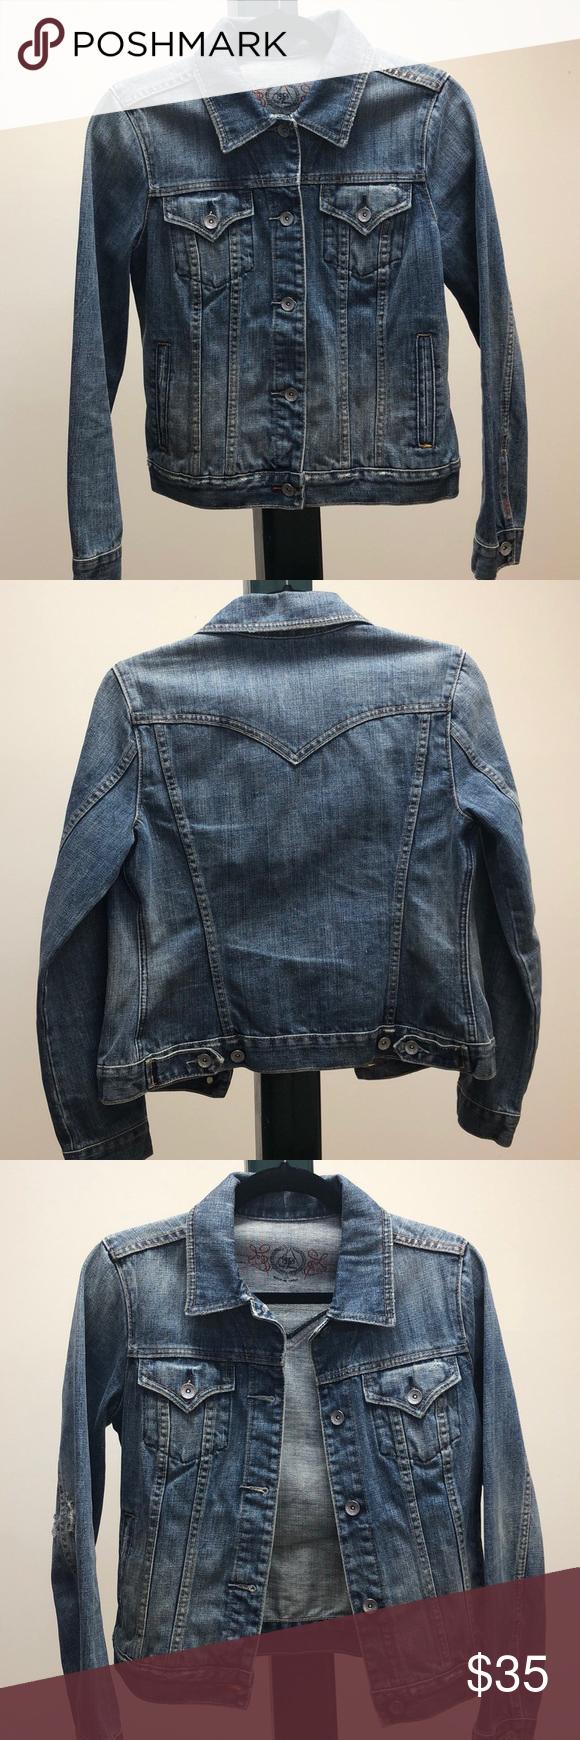 Gap 1969 Jean Jacket Clothes Design Jackets Jean Jacket [ 1740 x 580 Pixel ]